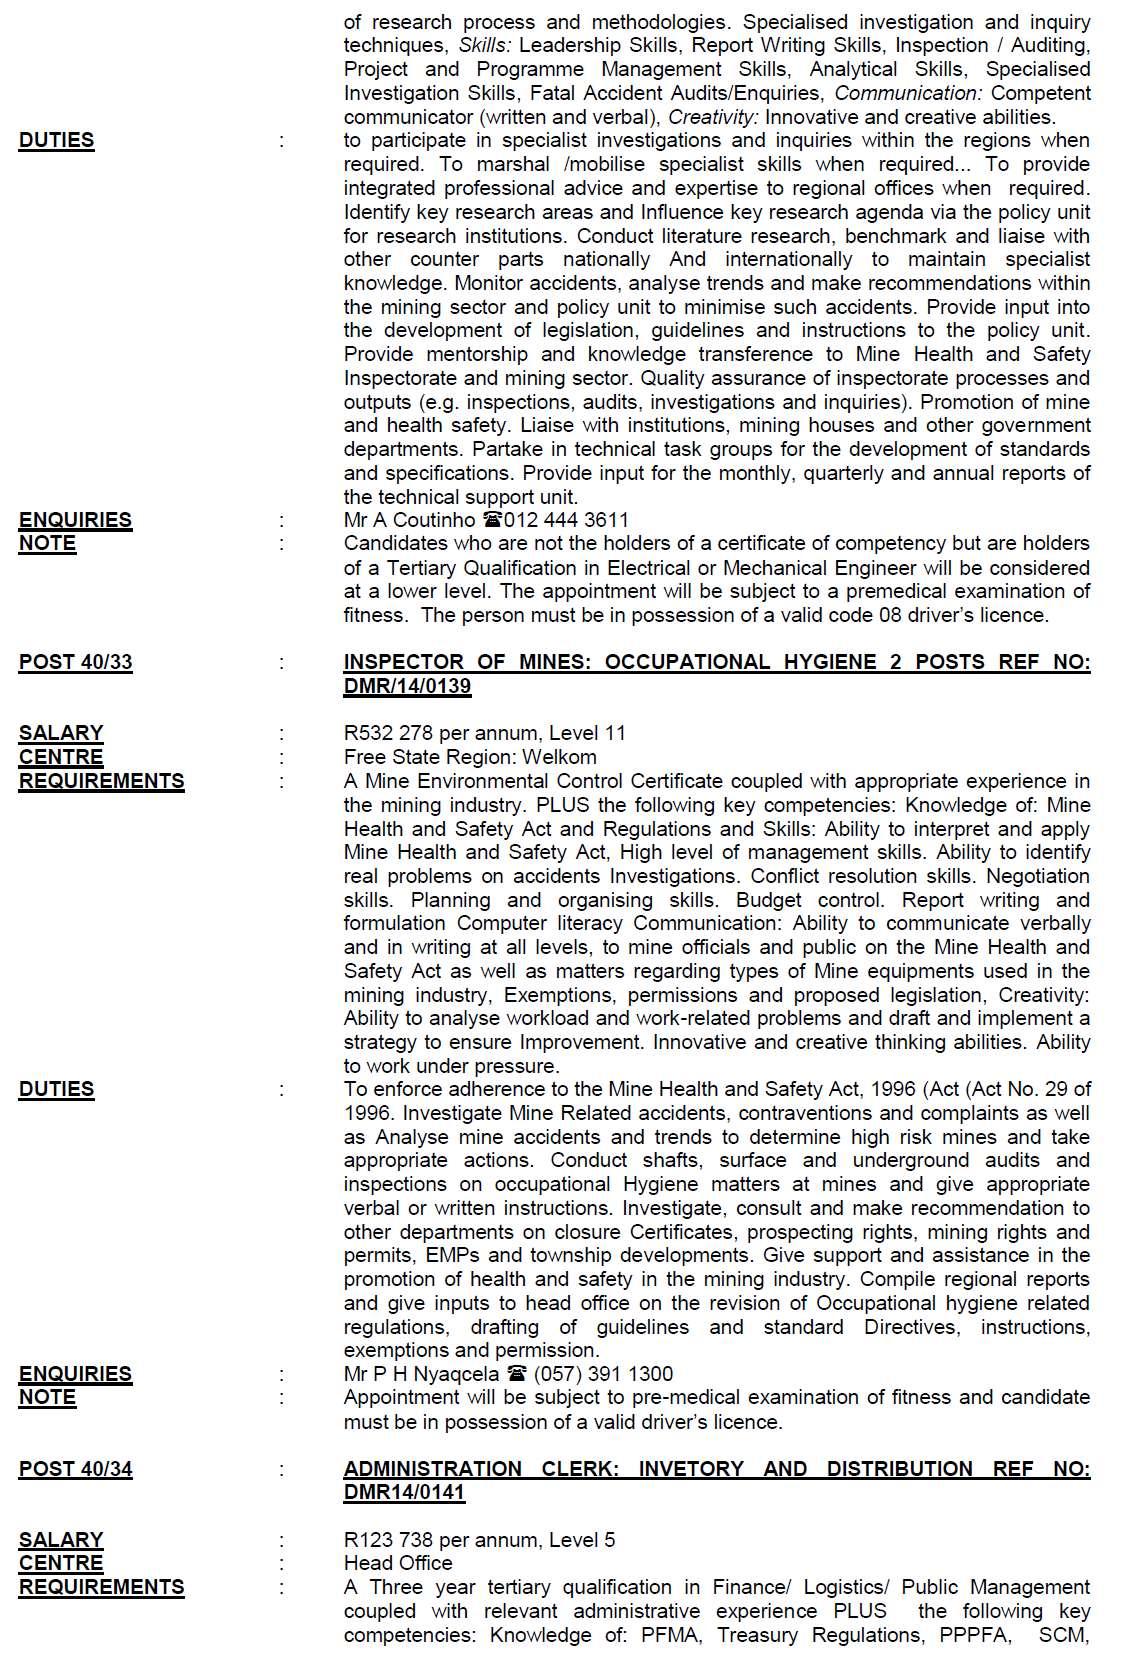 dpsa vacancies circular 40 2014 2015 html